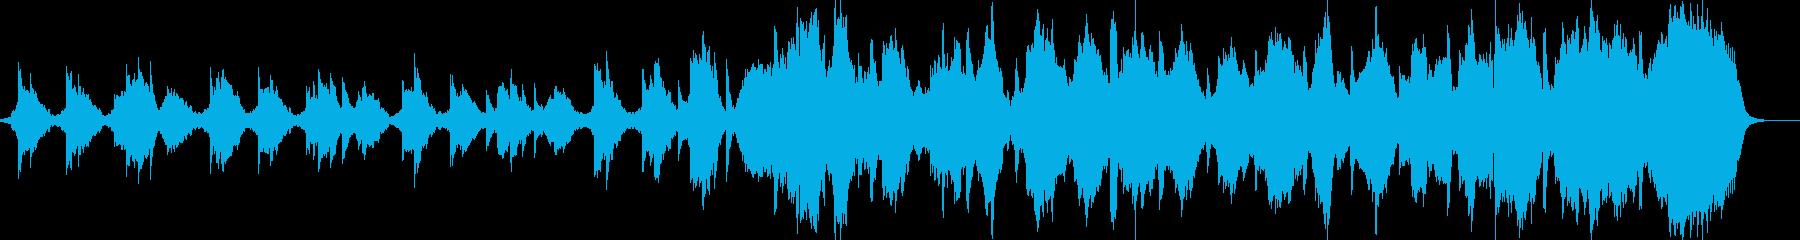 静かで神秘的な映像系BGMの再生済みの波形